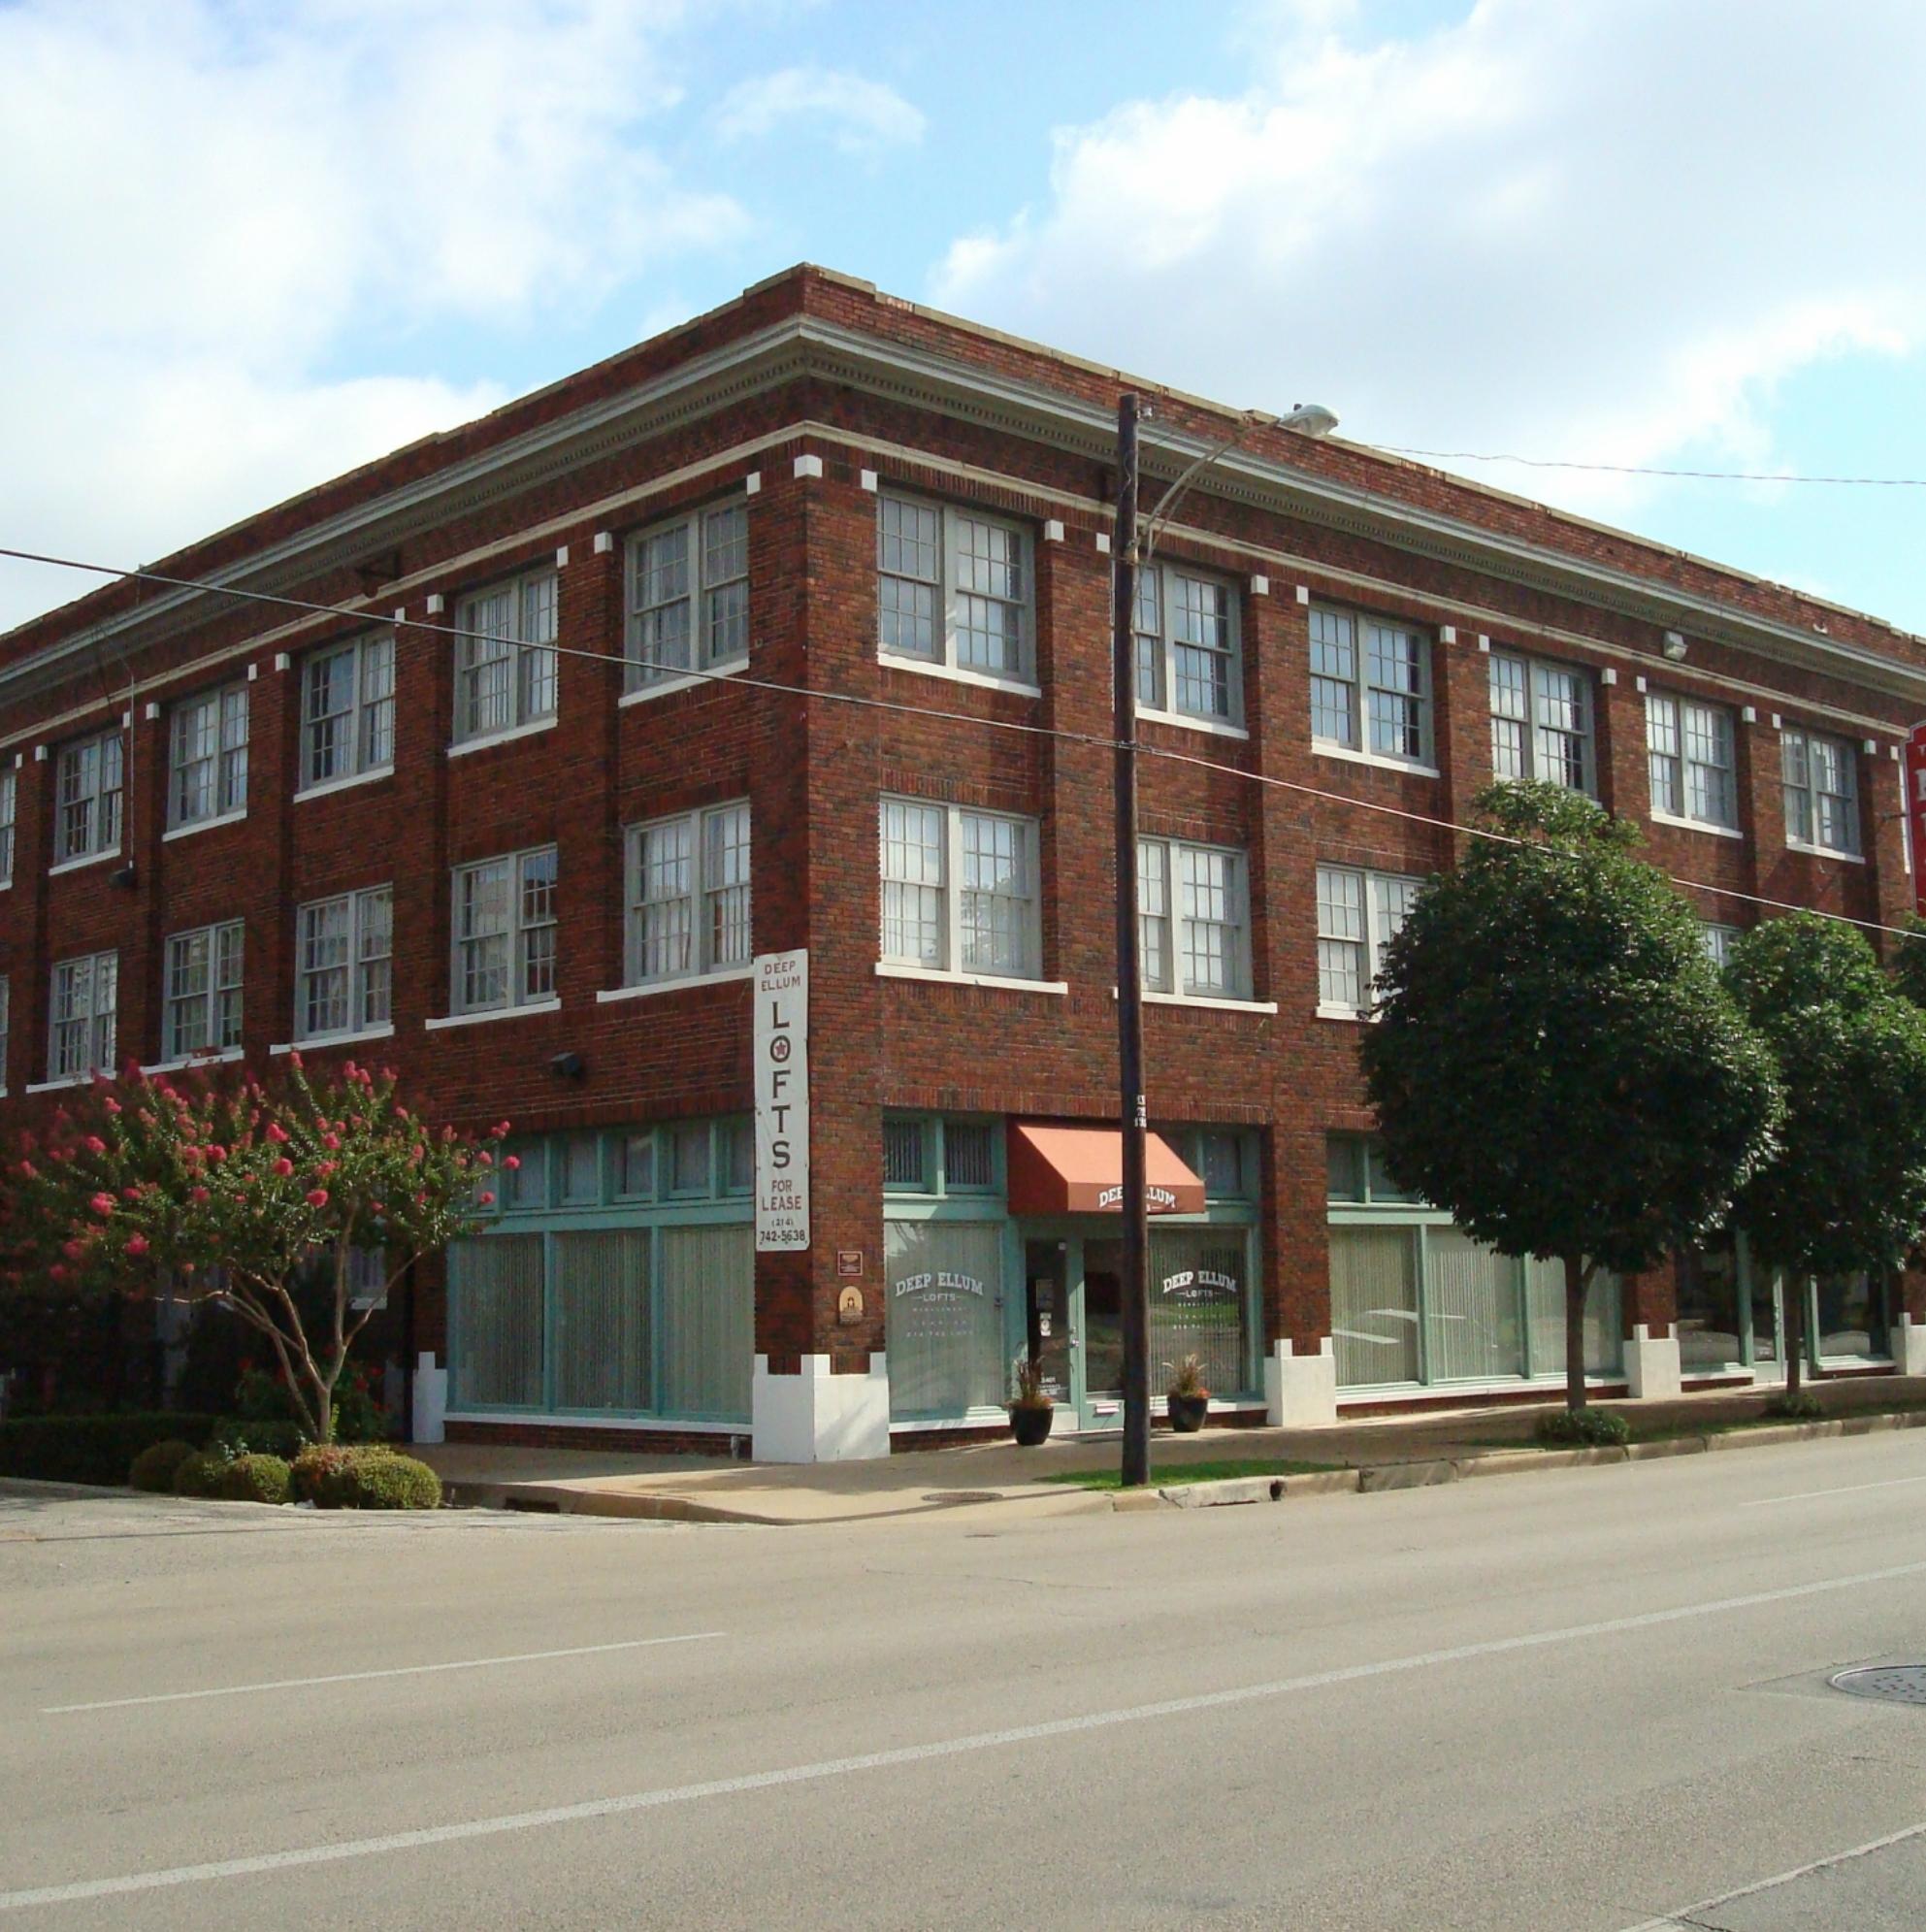 Dallas Landmark Structures & Sites